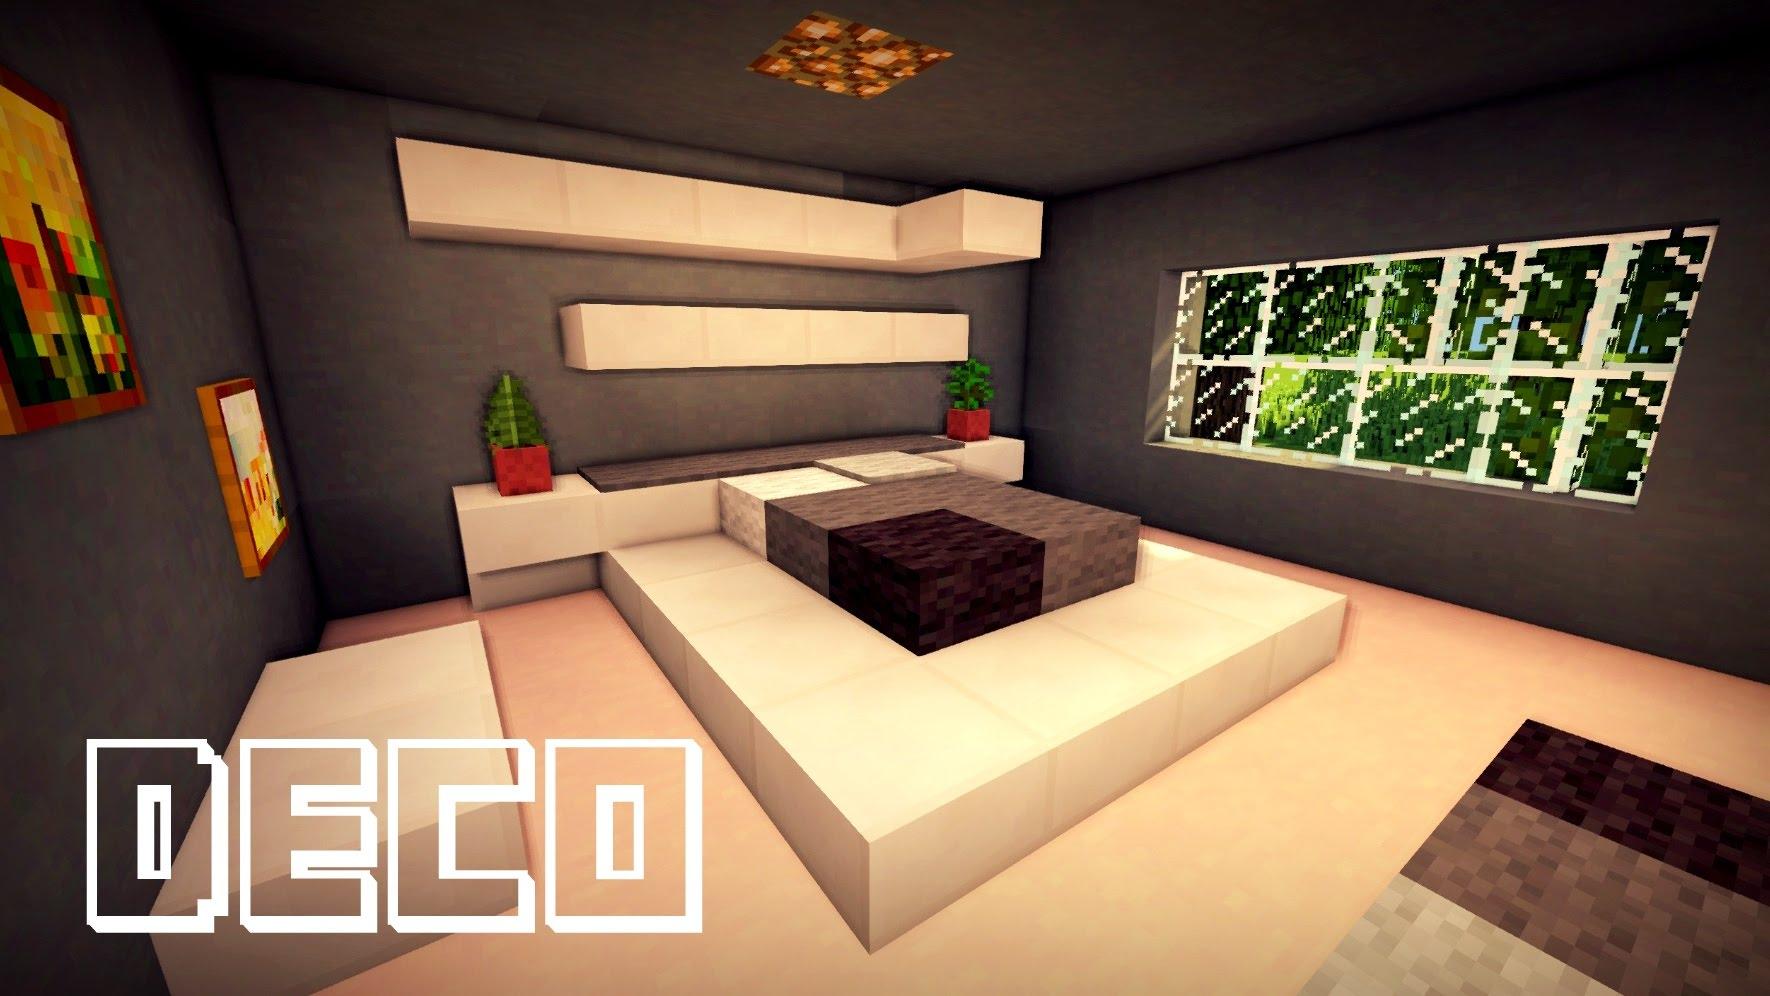 Deco Cuisine Minecraft Nouveau Image Deco Chambre Minecraft